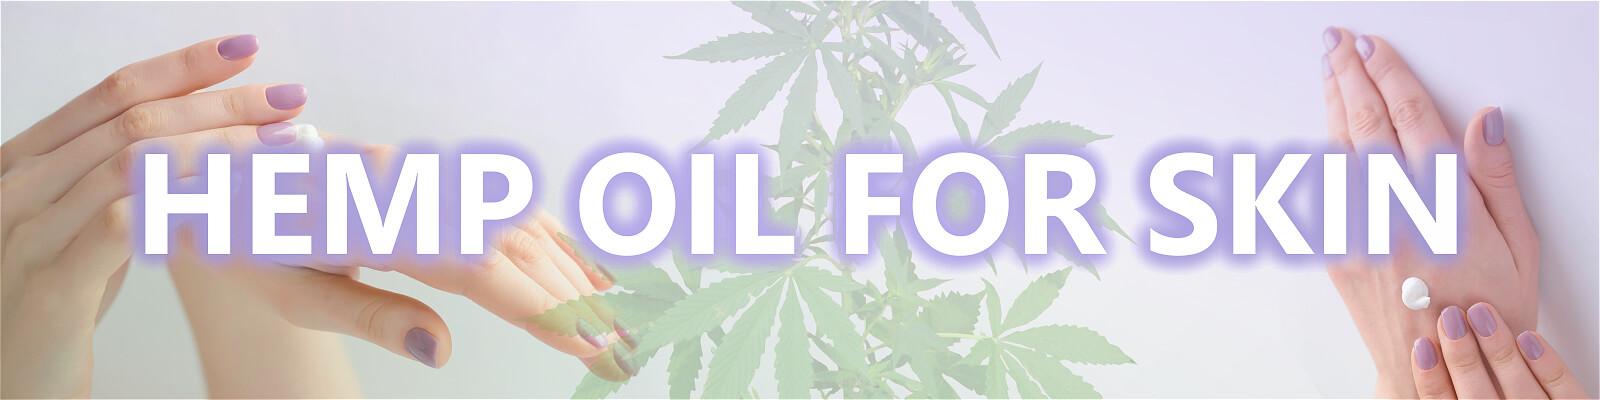 hands moisturizing hemp oil for skin